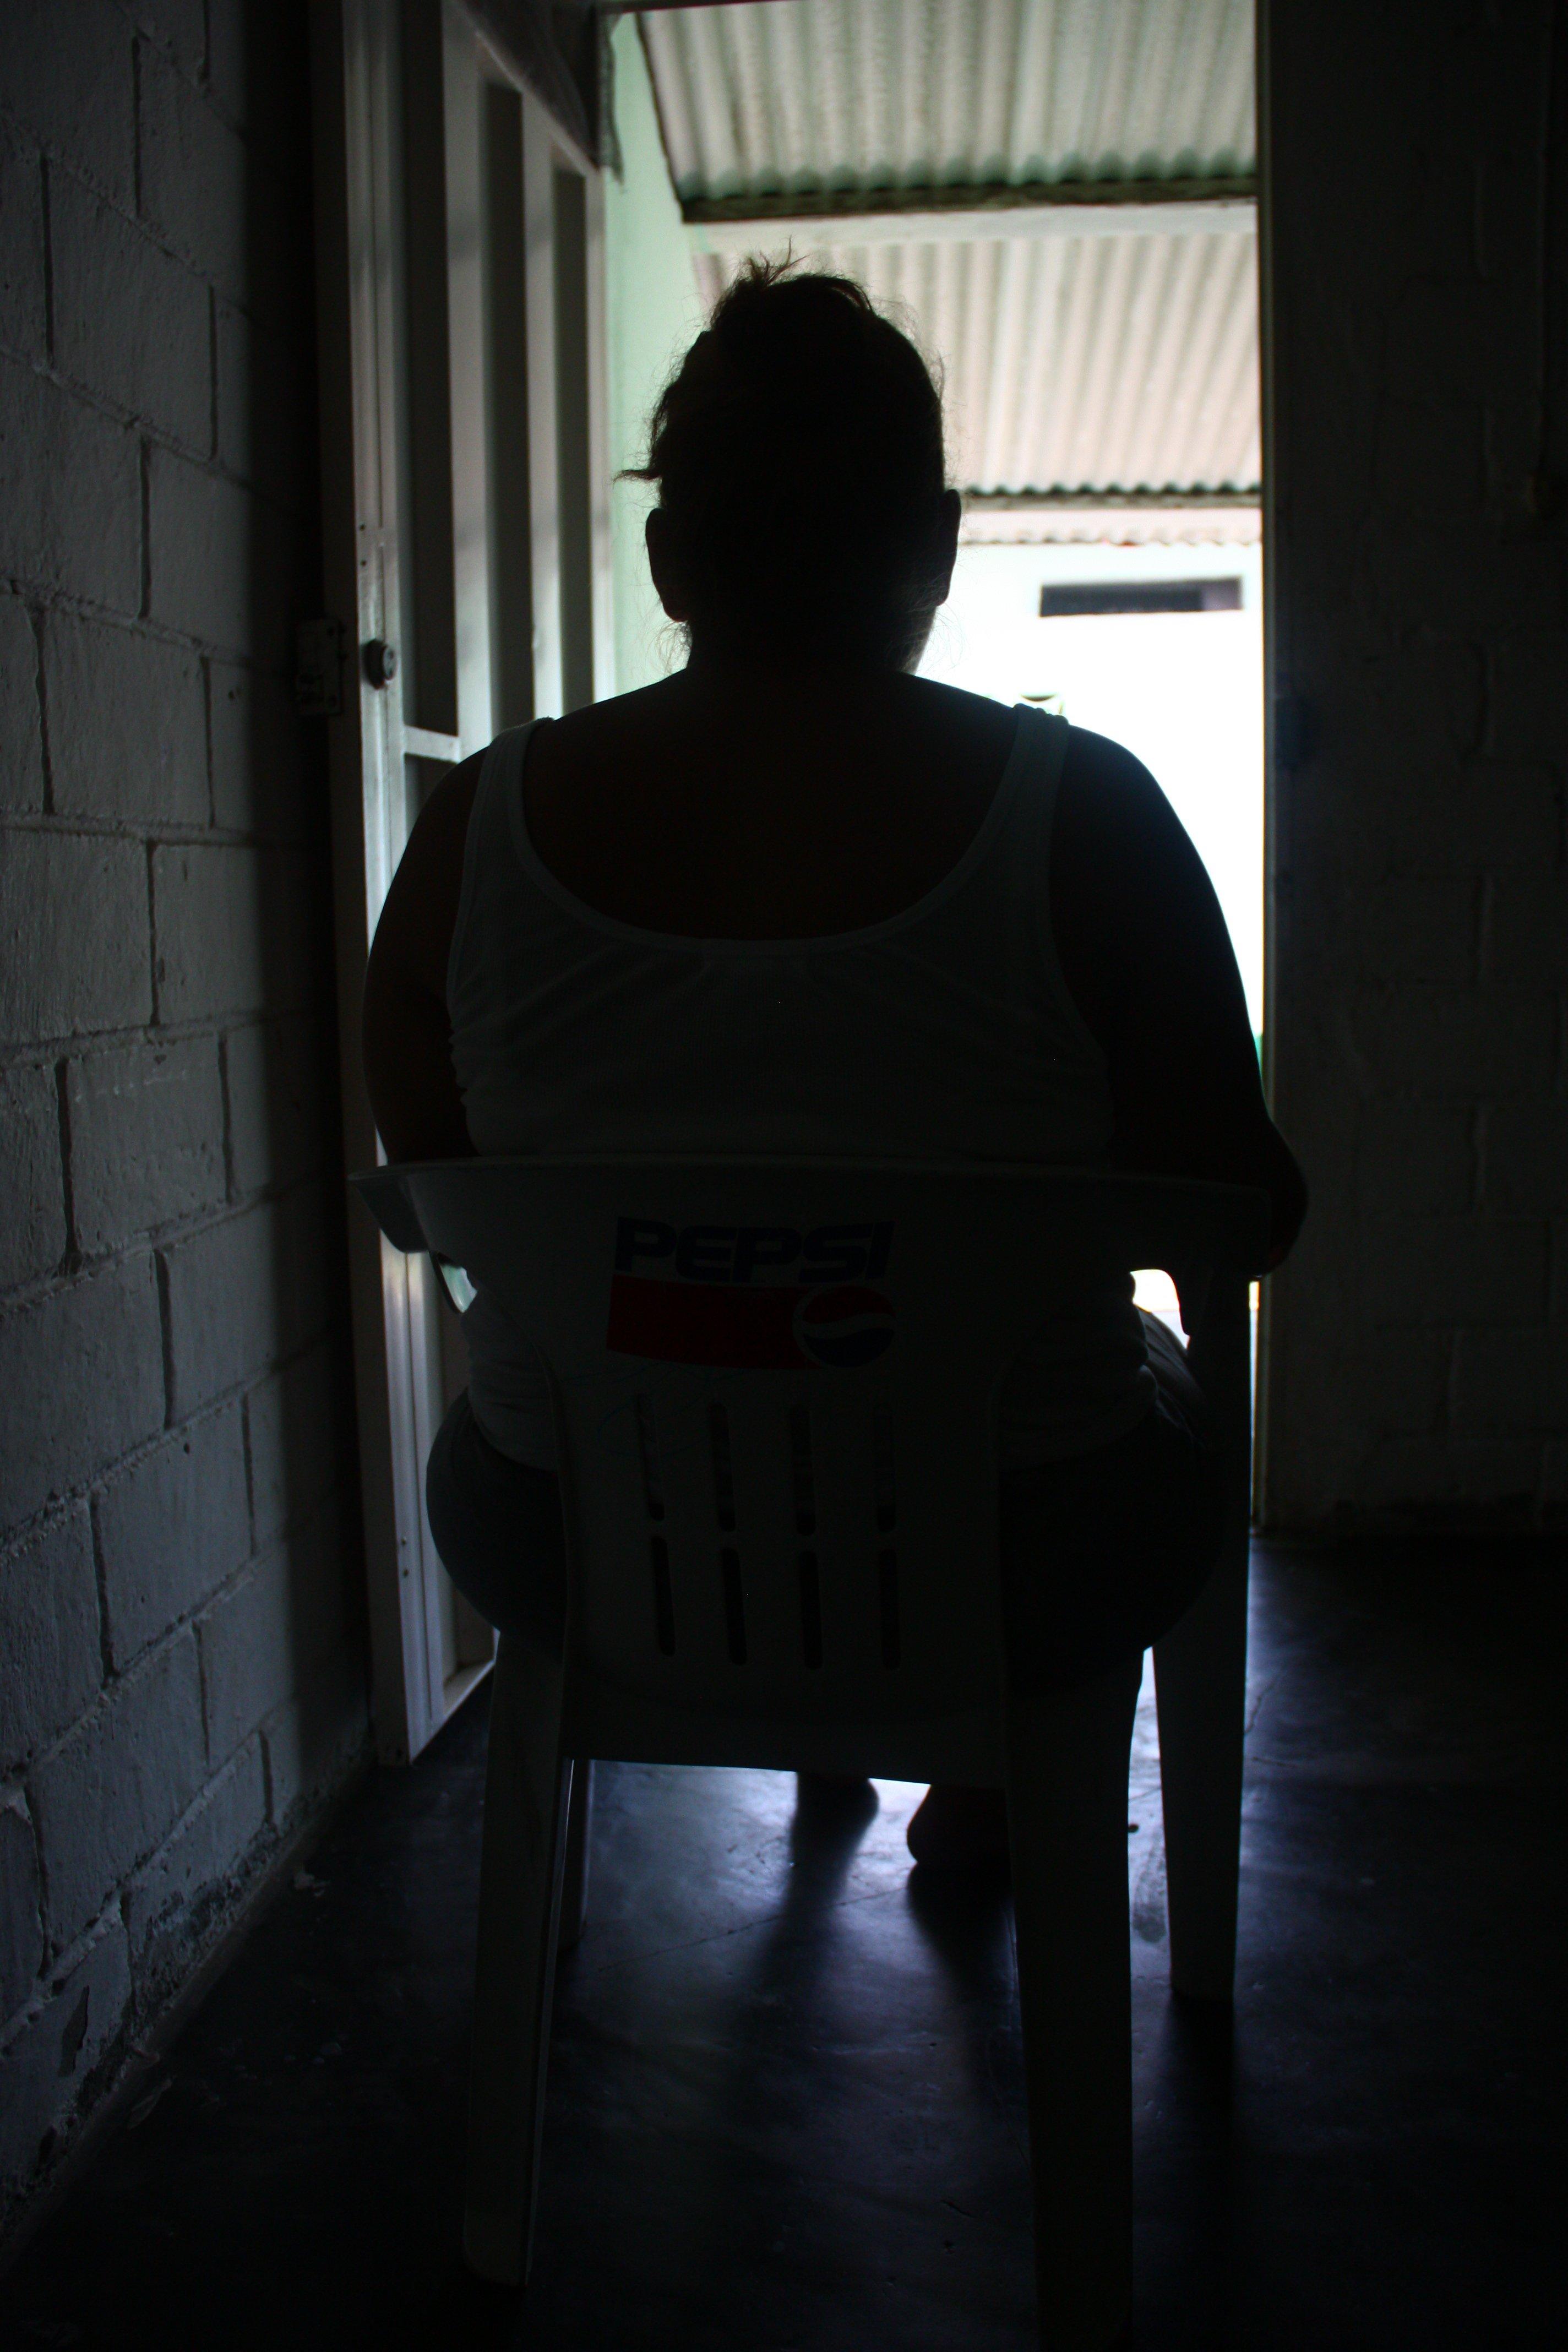 María de espaldas en el cuarto en el que vivía con sus hijos a la espera de ser reubicados en México. (Foto: Leire Ventas)